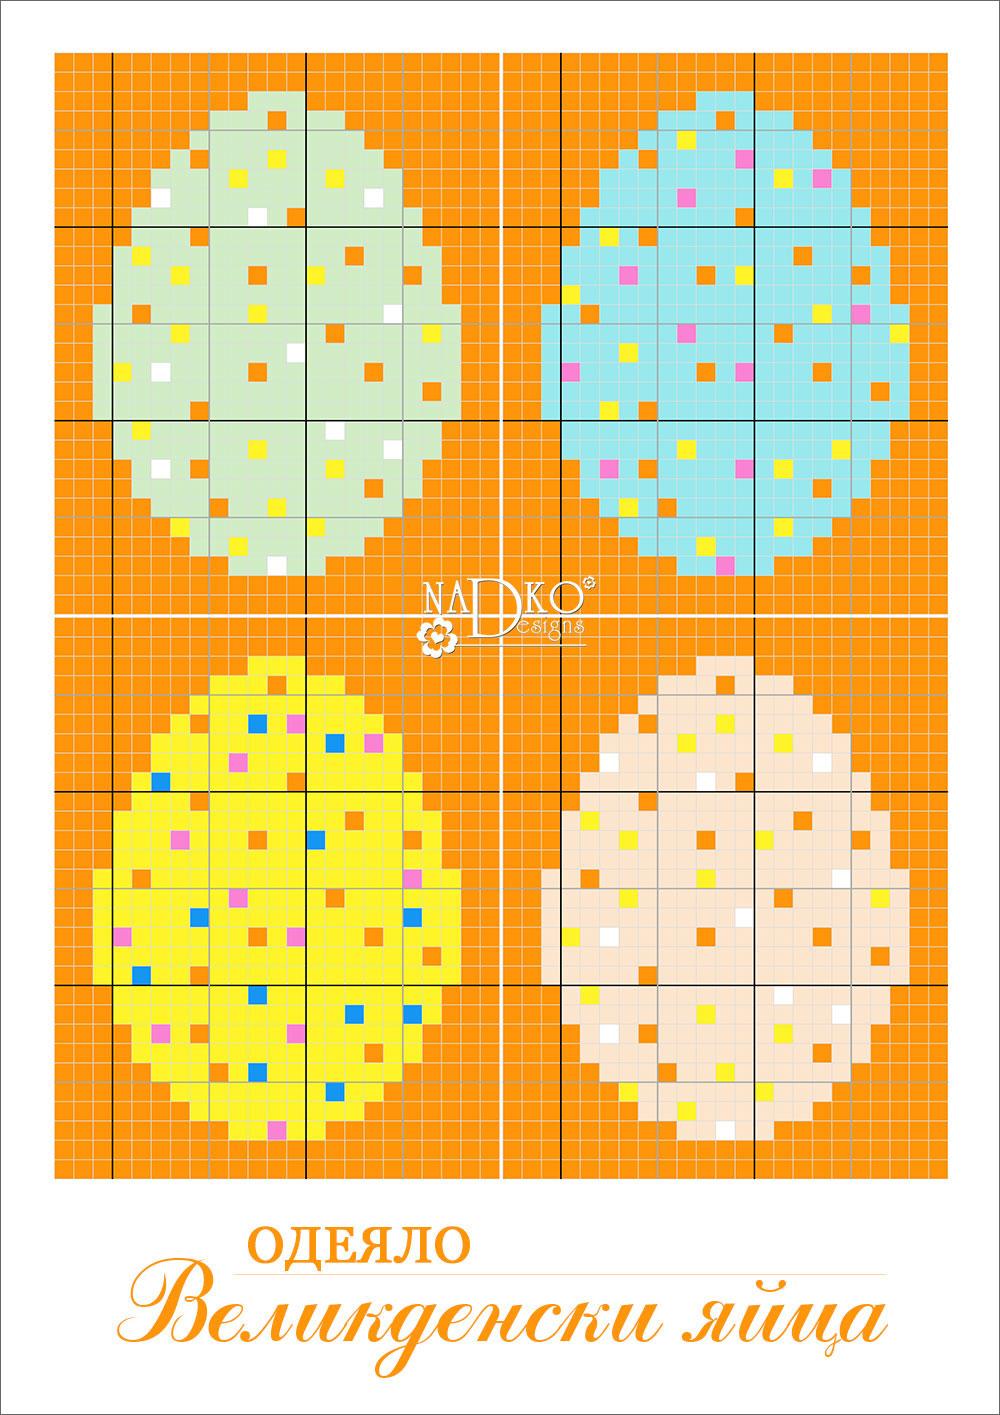 """Проект """"Великденски яйца"""": част I"""